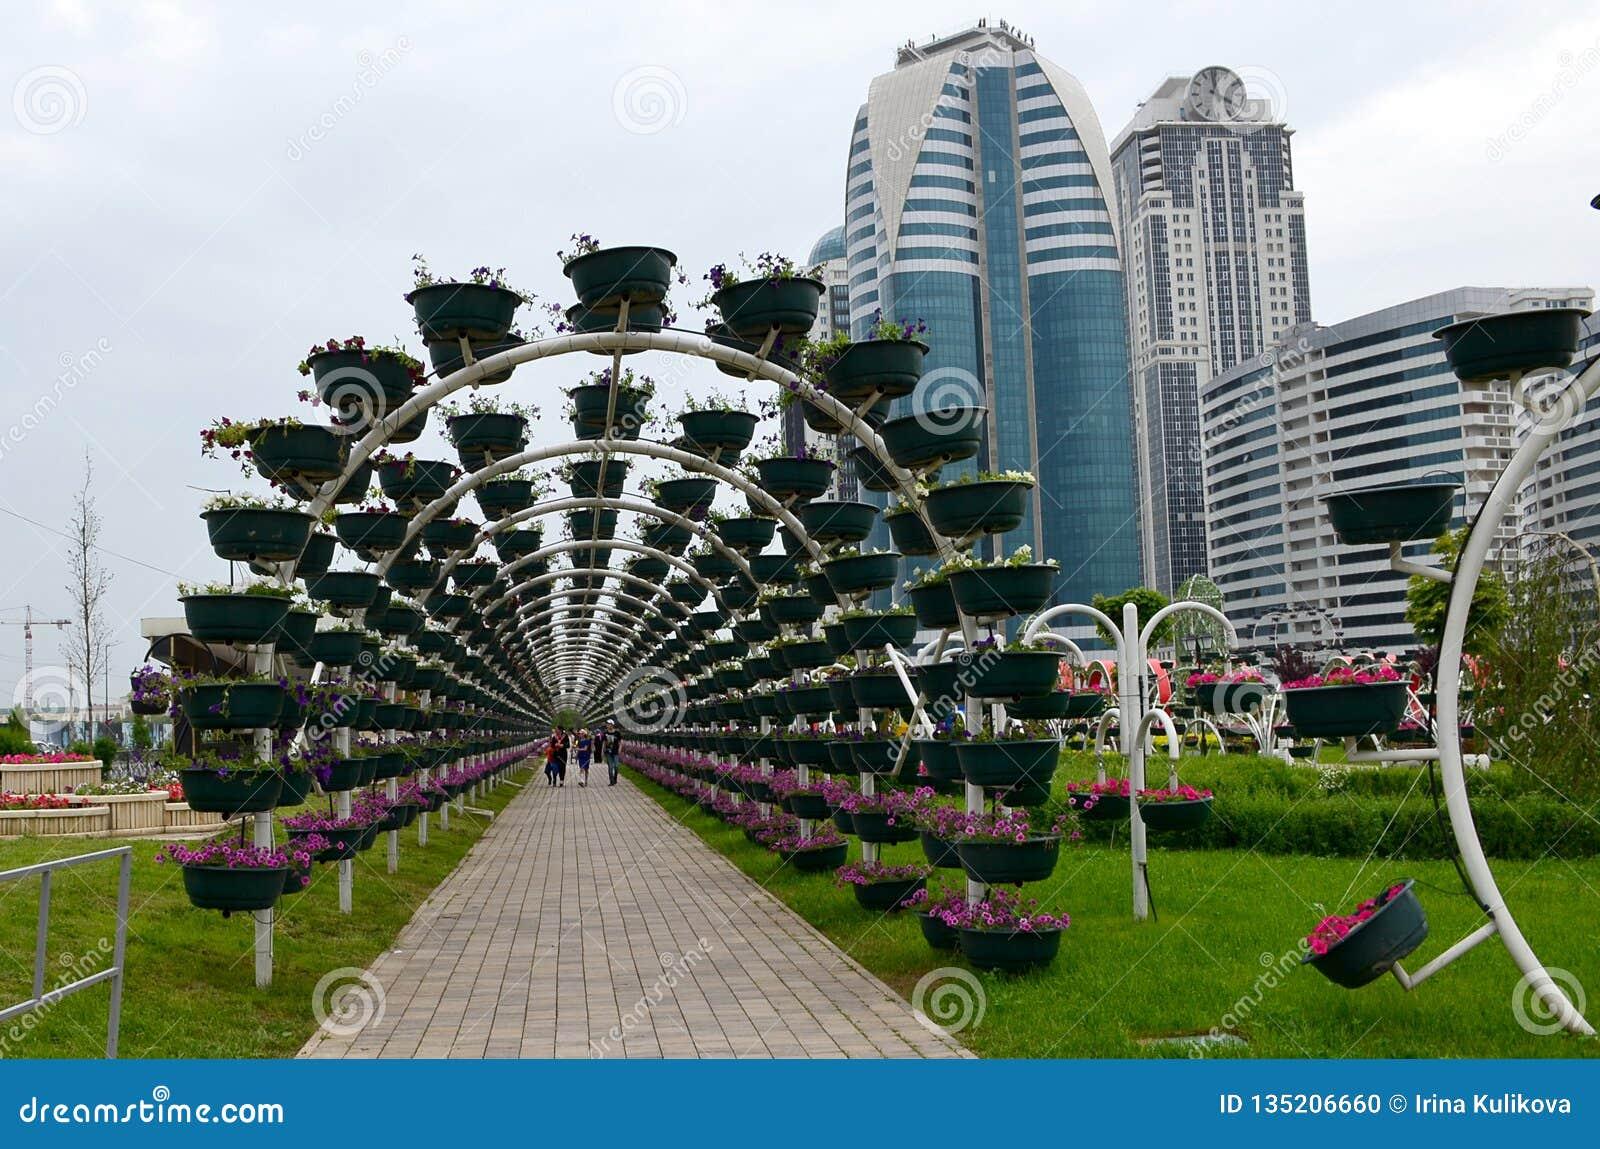 Πράσινη αψίδα στο πάρκο λουλουδιών της πόλης του Γκρόζνυ, Τσετσενία, Ρωσία Οικοδόμηση της σύνθετης πόλης του Γκρόζνυ στο υπόβαθρο